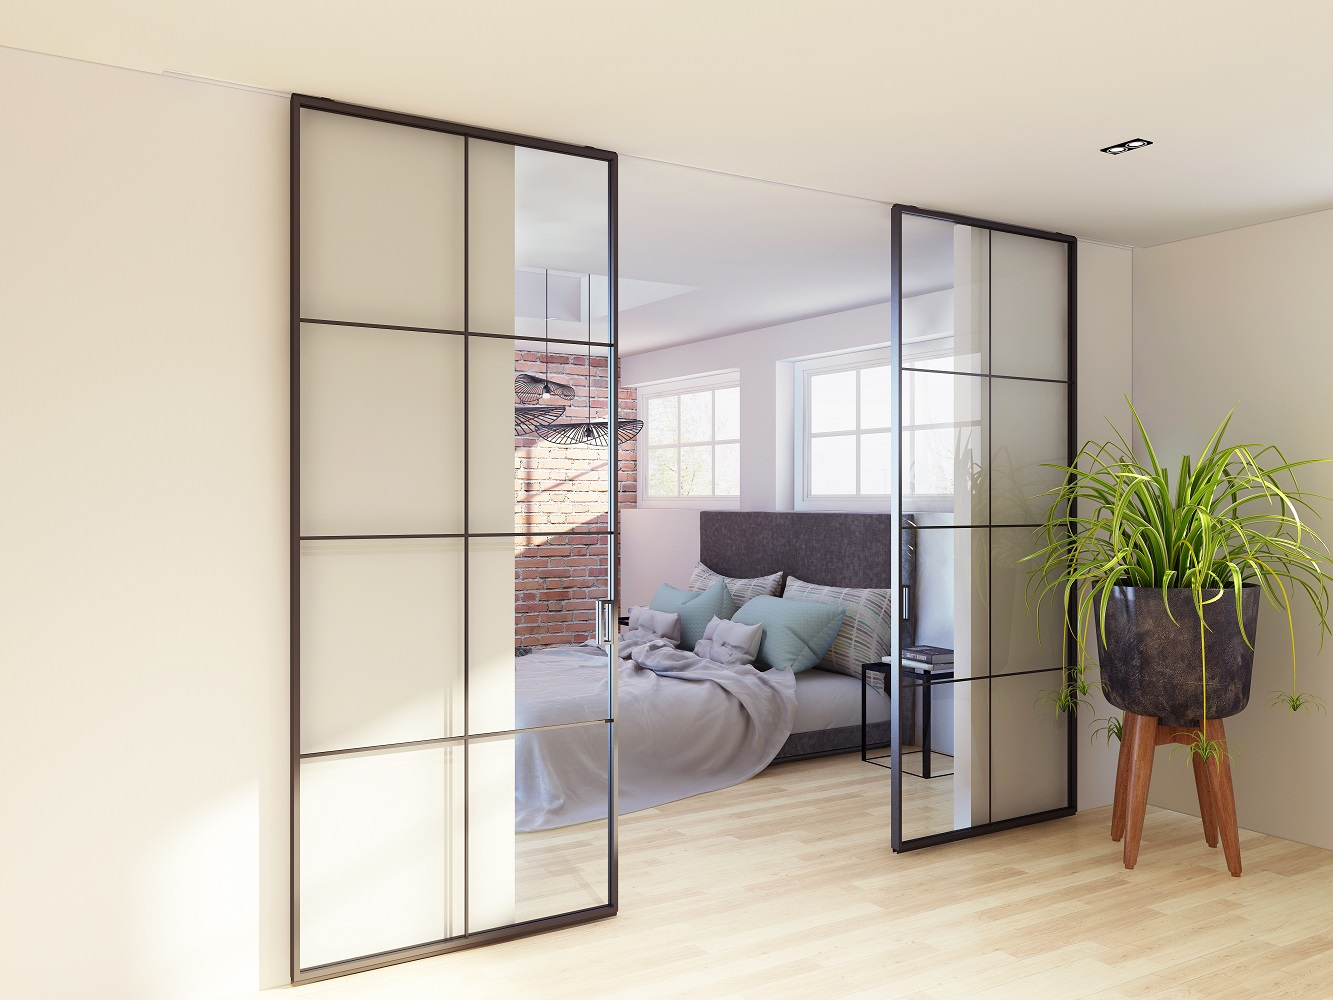 Schiebetür aus Metall und Glas, Glasschiebetür von Loft Tür